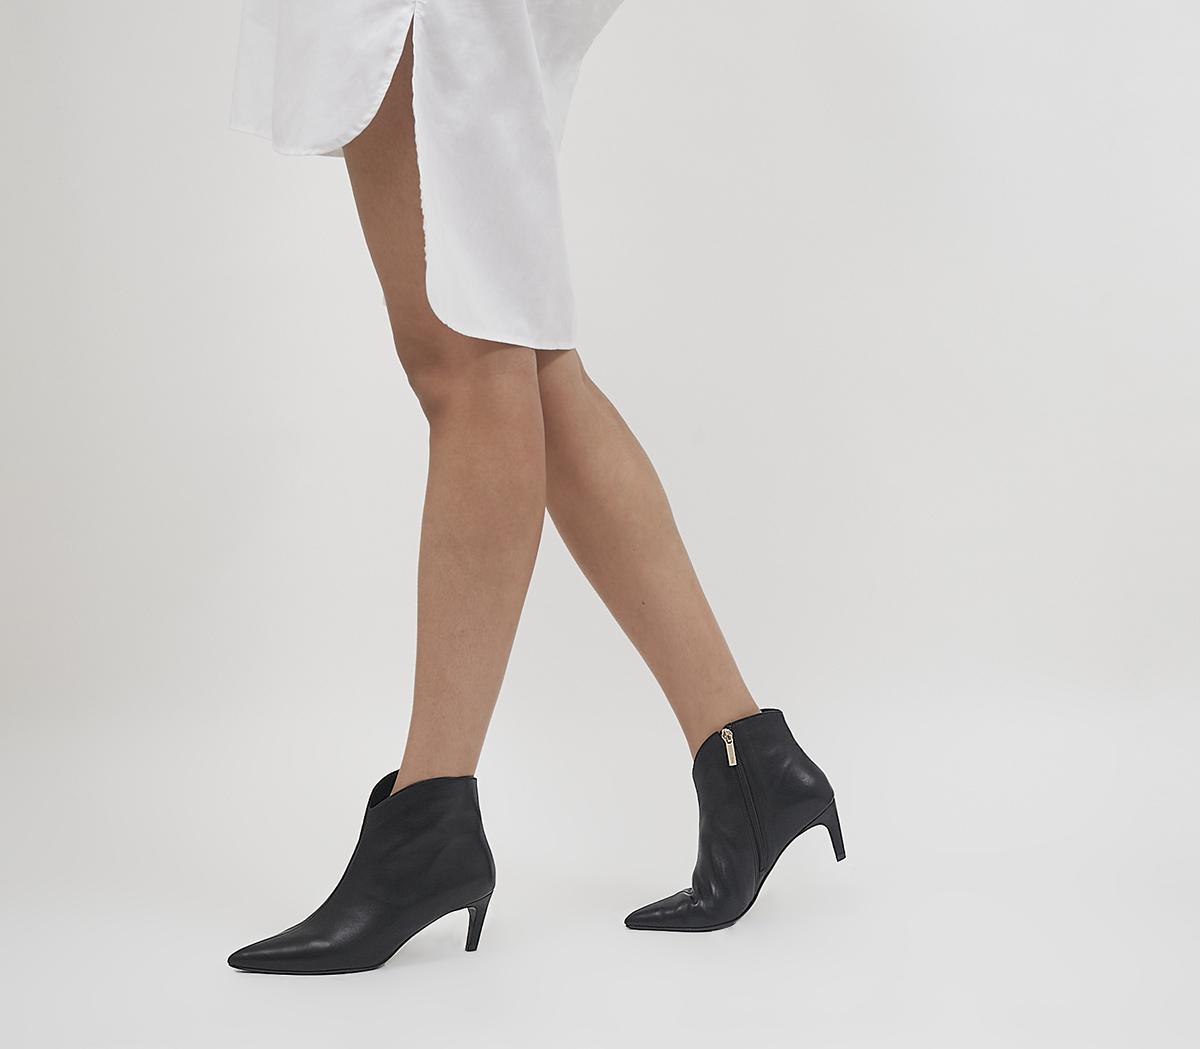 Galiana Heeled Boots